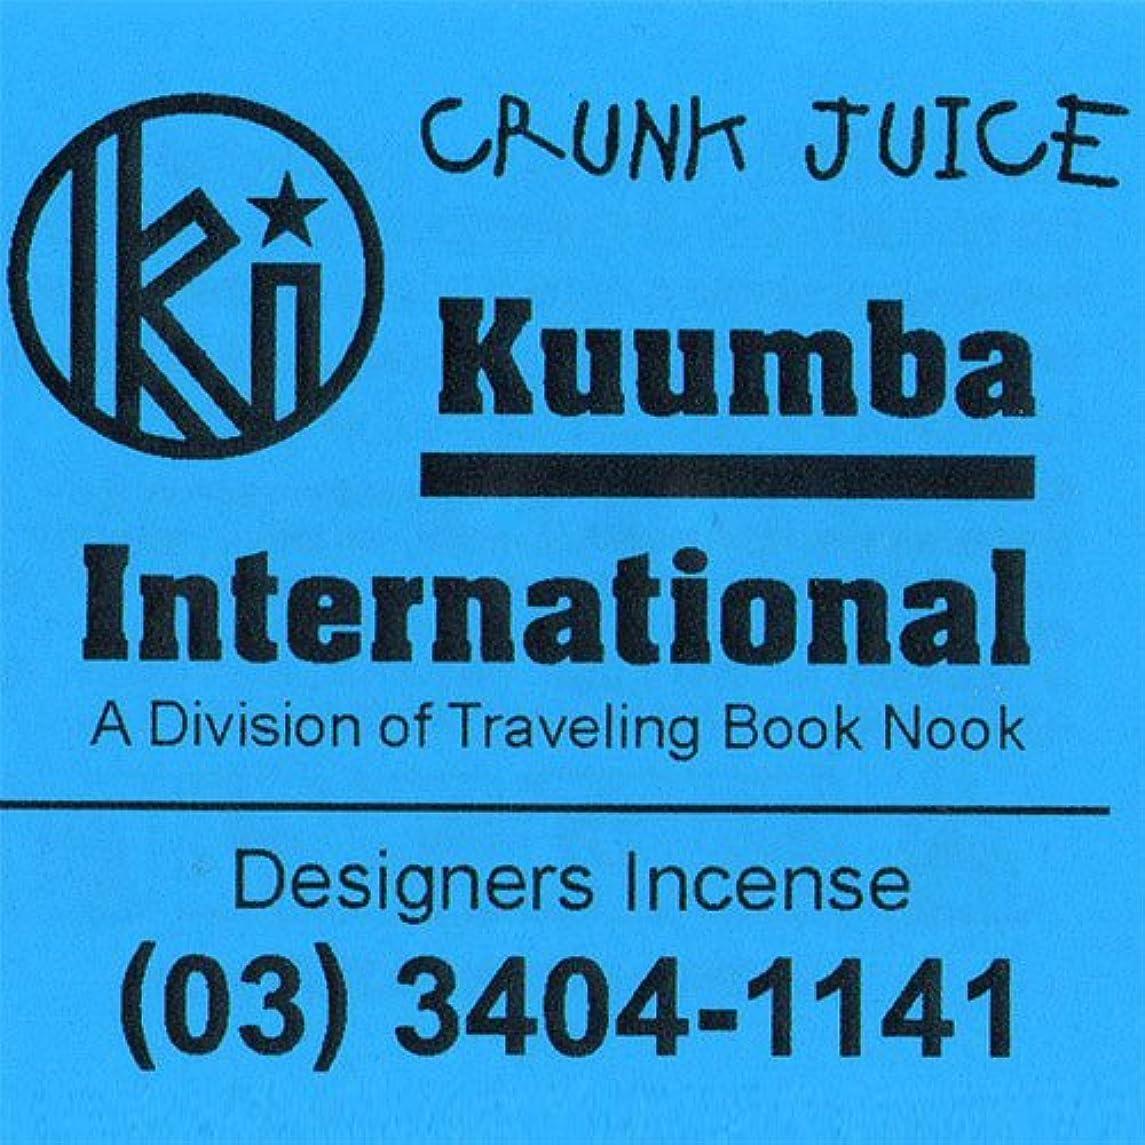 学校の先生アベニュー忌避剤KUUMBA / クンバ『incense』(CRUNK JUICE) (Regular size)